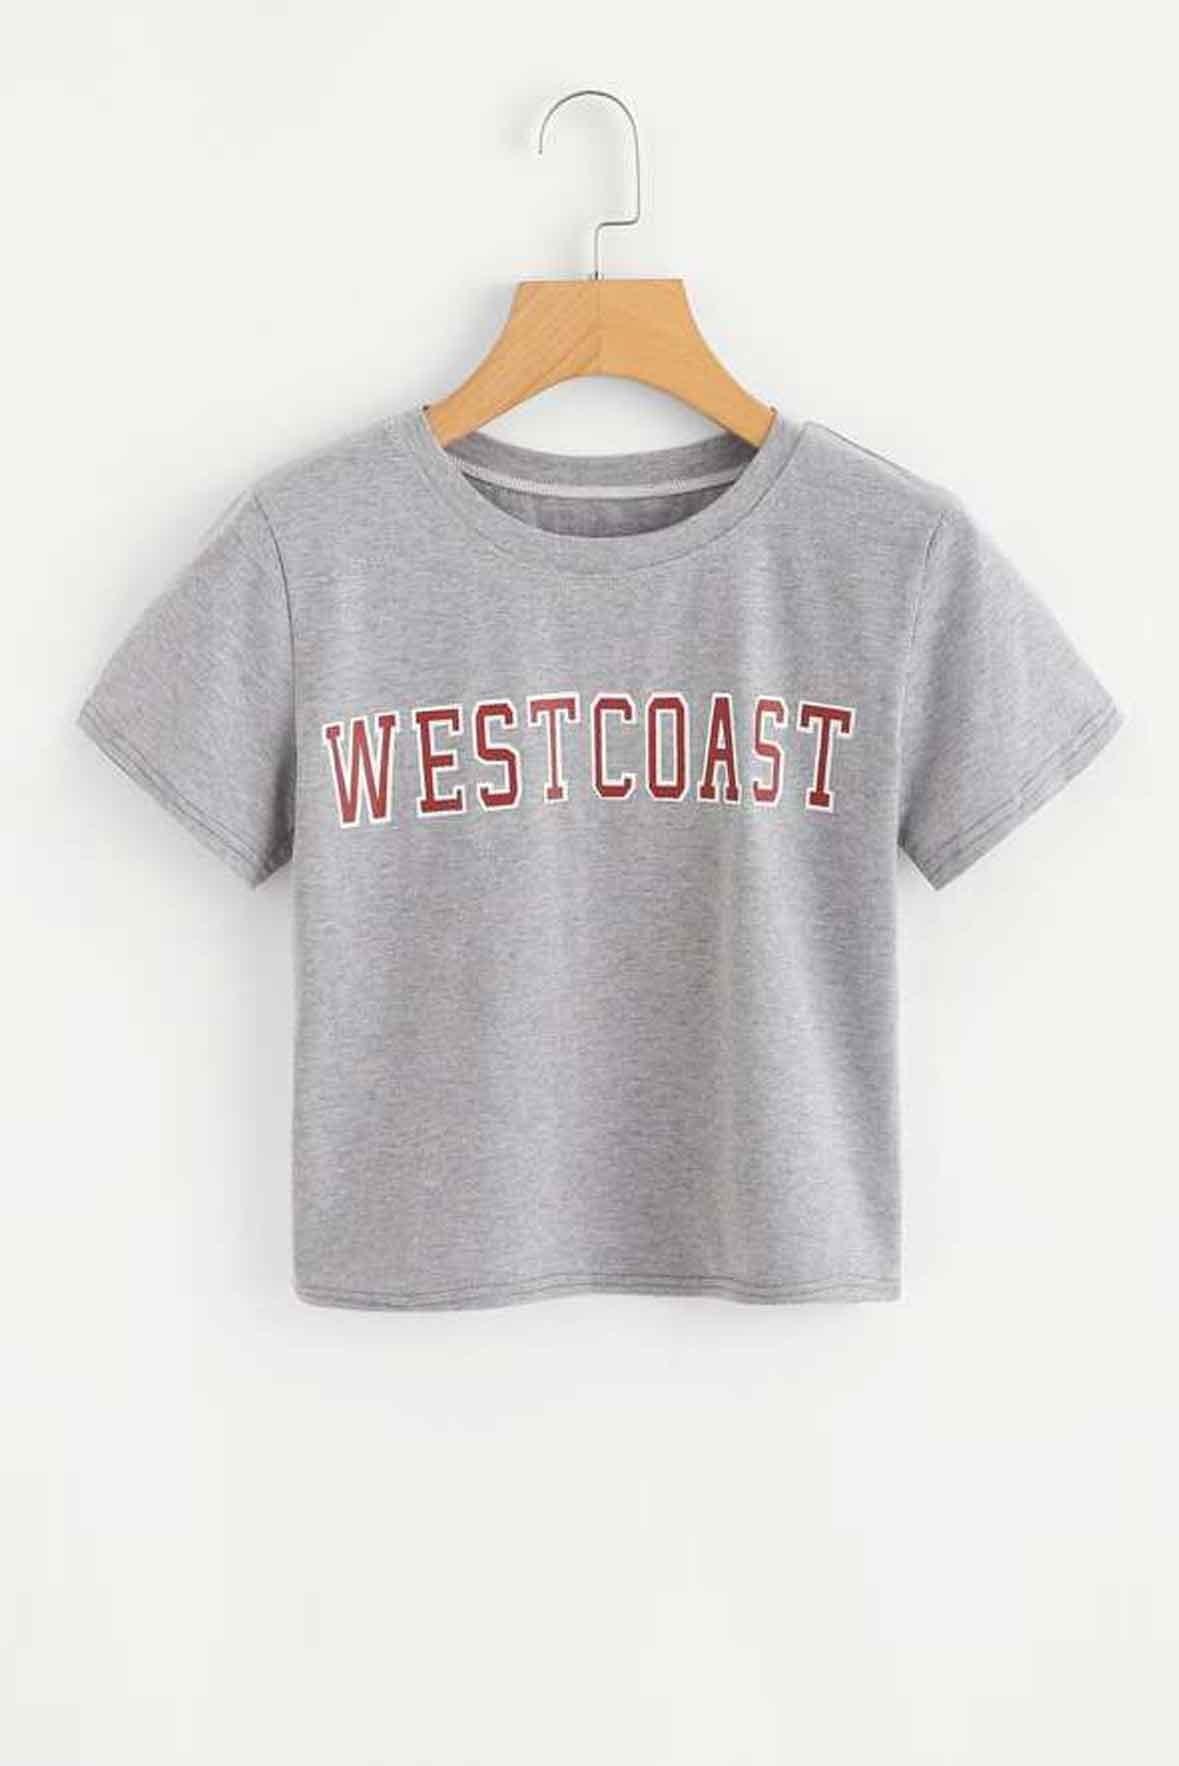 Westcoast Tee